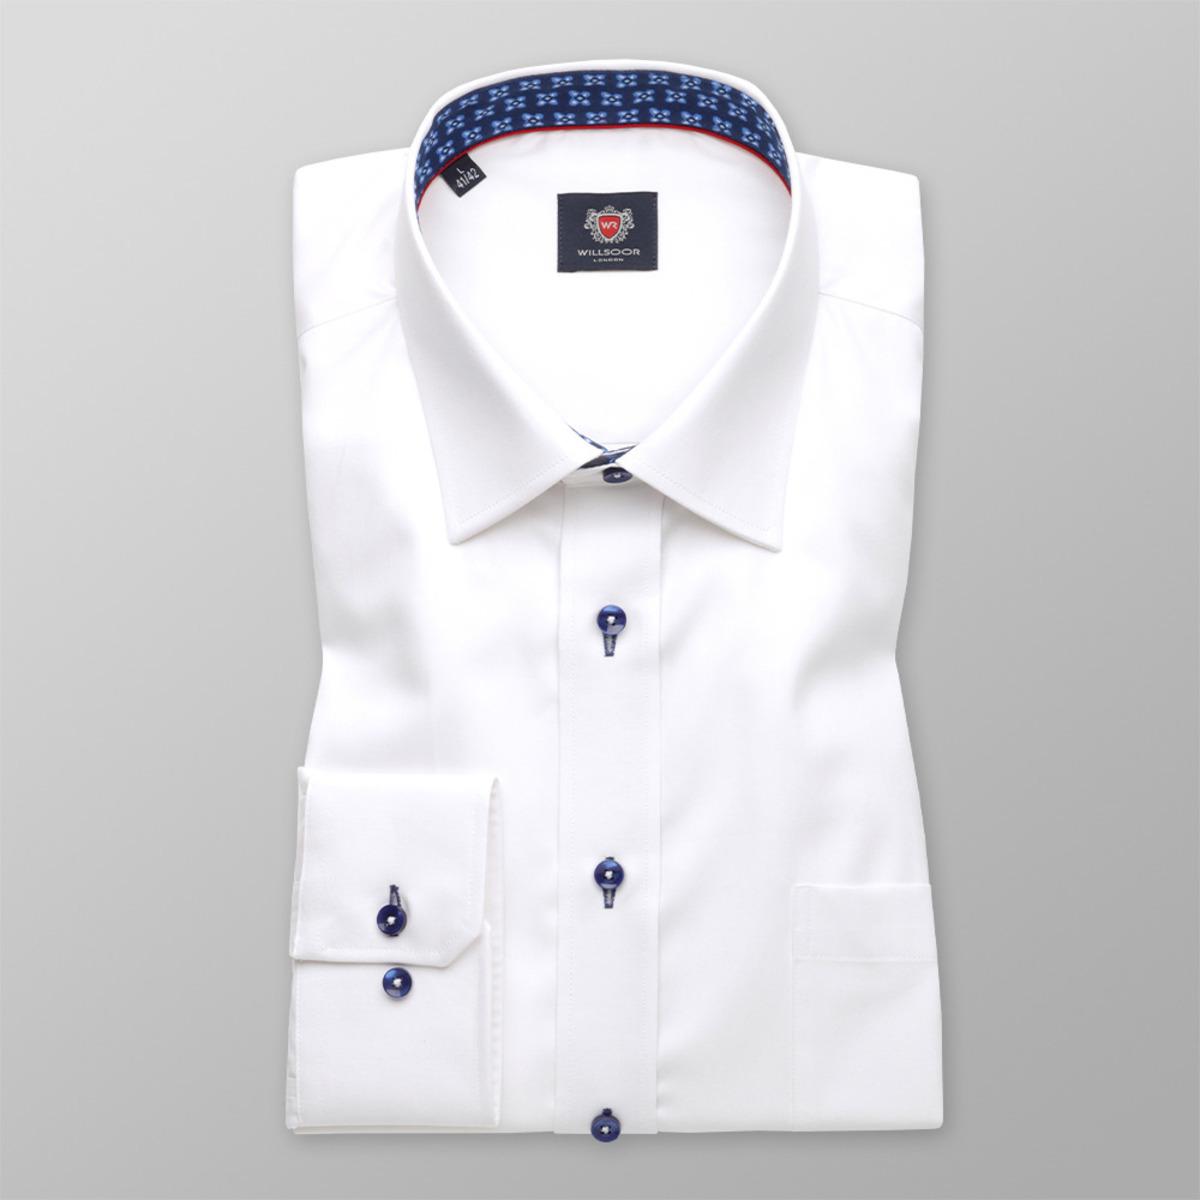 Košile London v bílé barvě (všechny velikosti) 9740 164-170 / L (41/42)